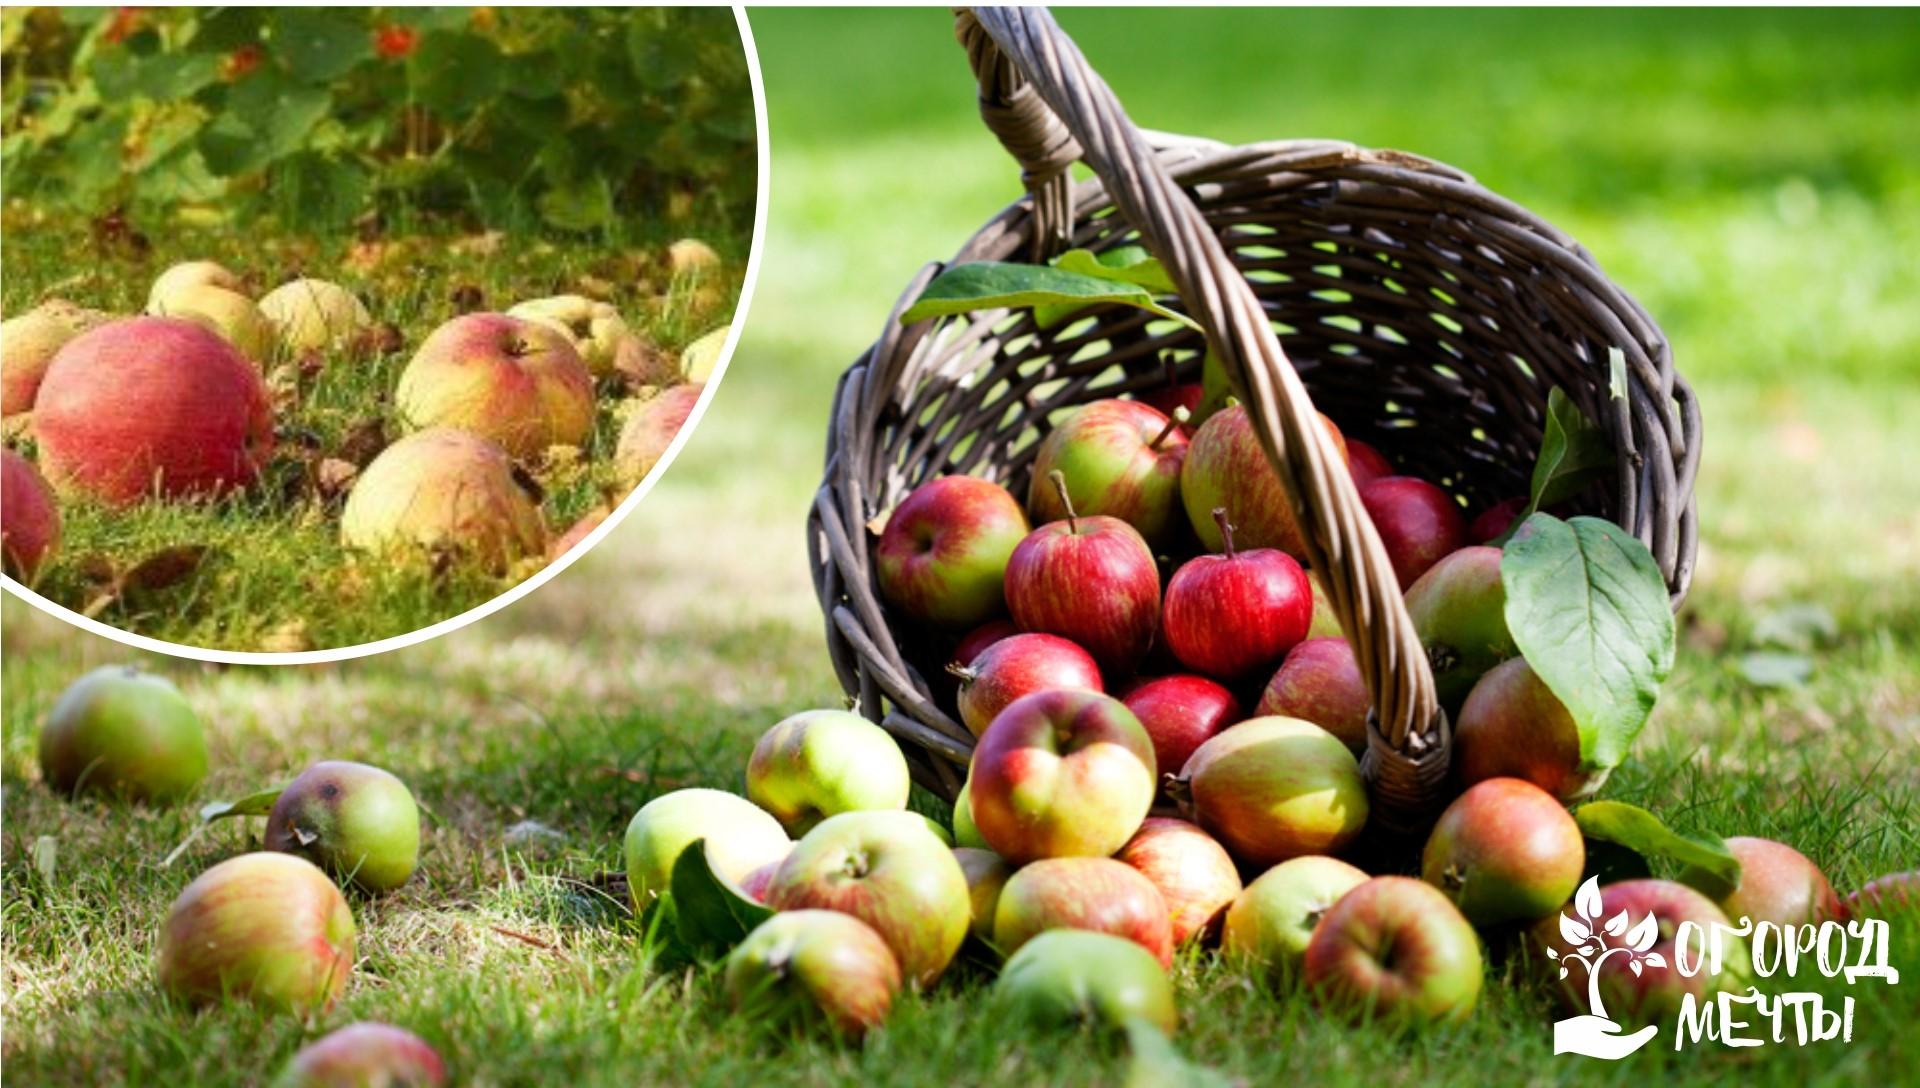 Сбор фруктовой падалицы